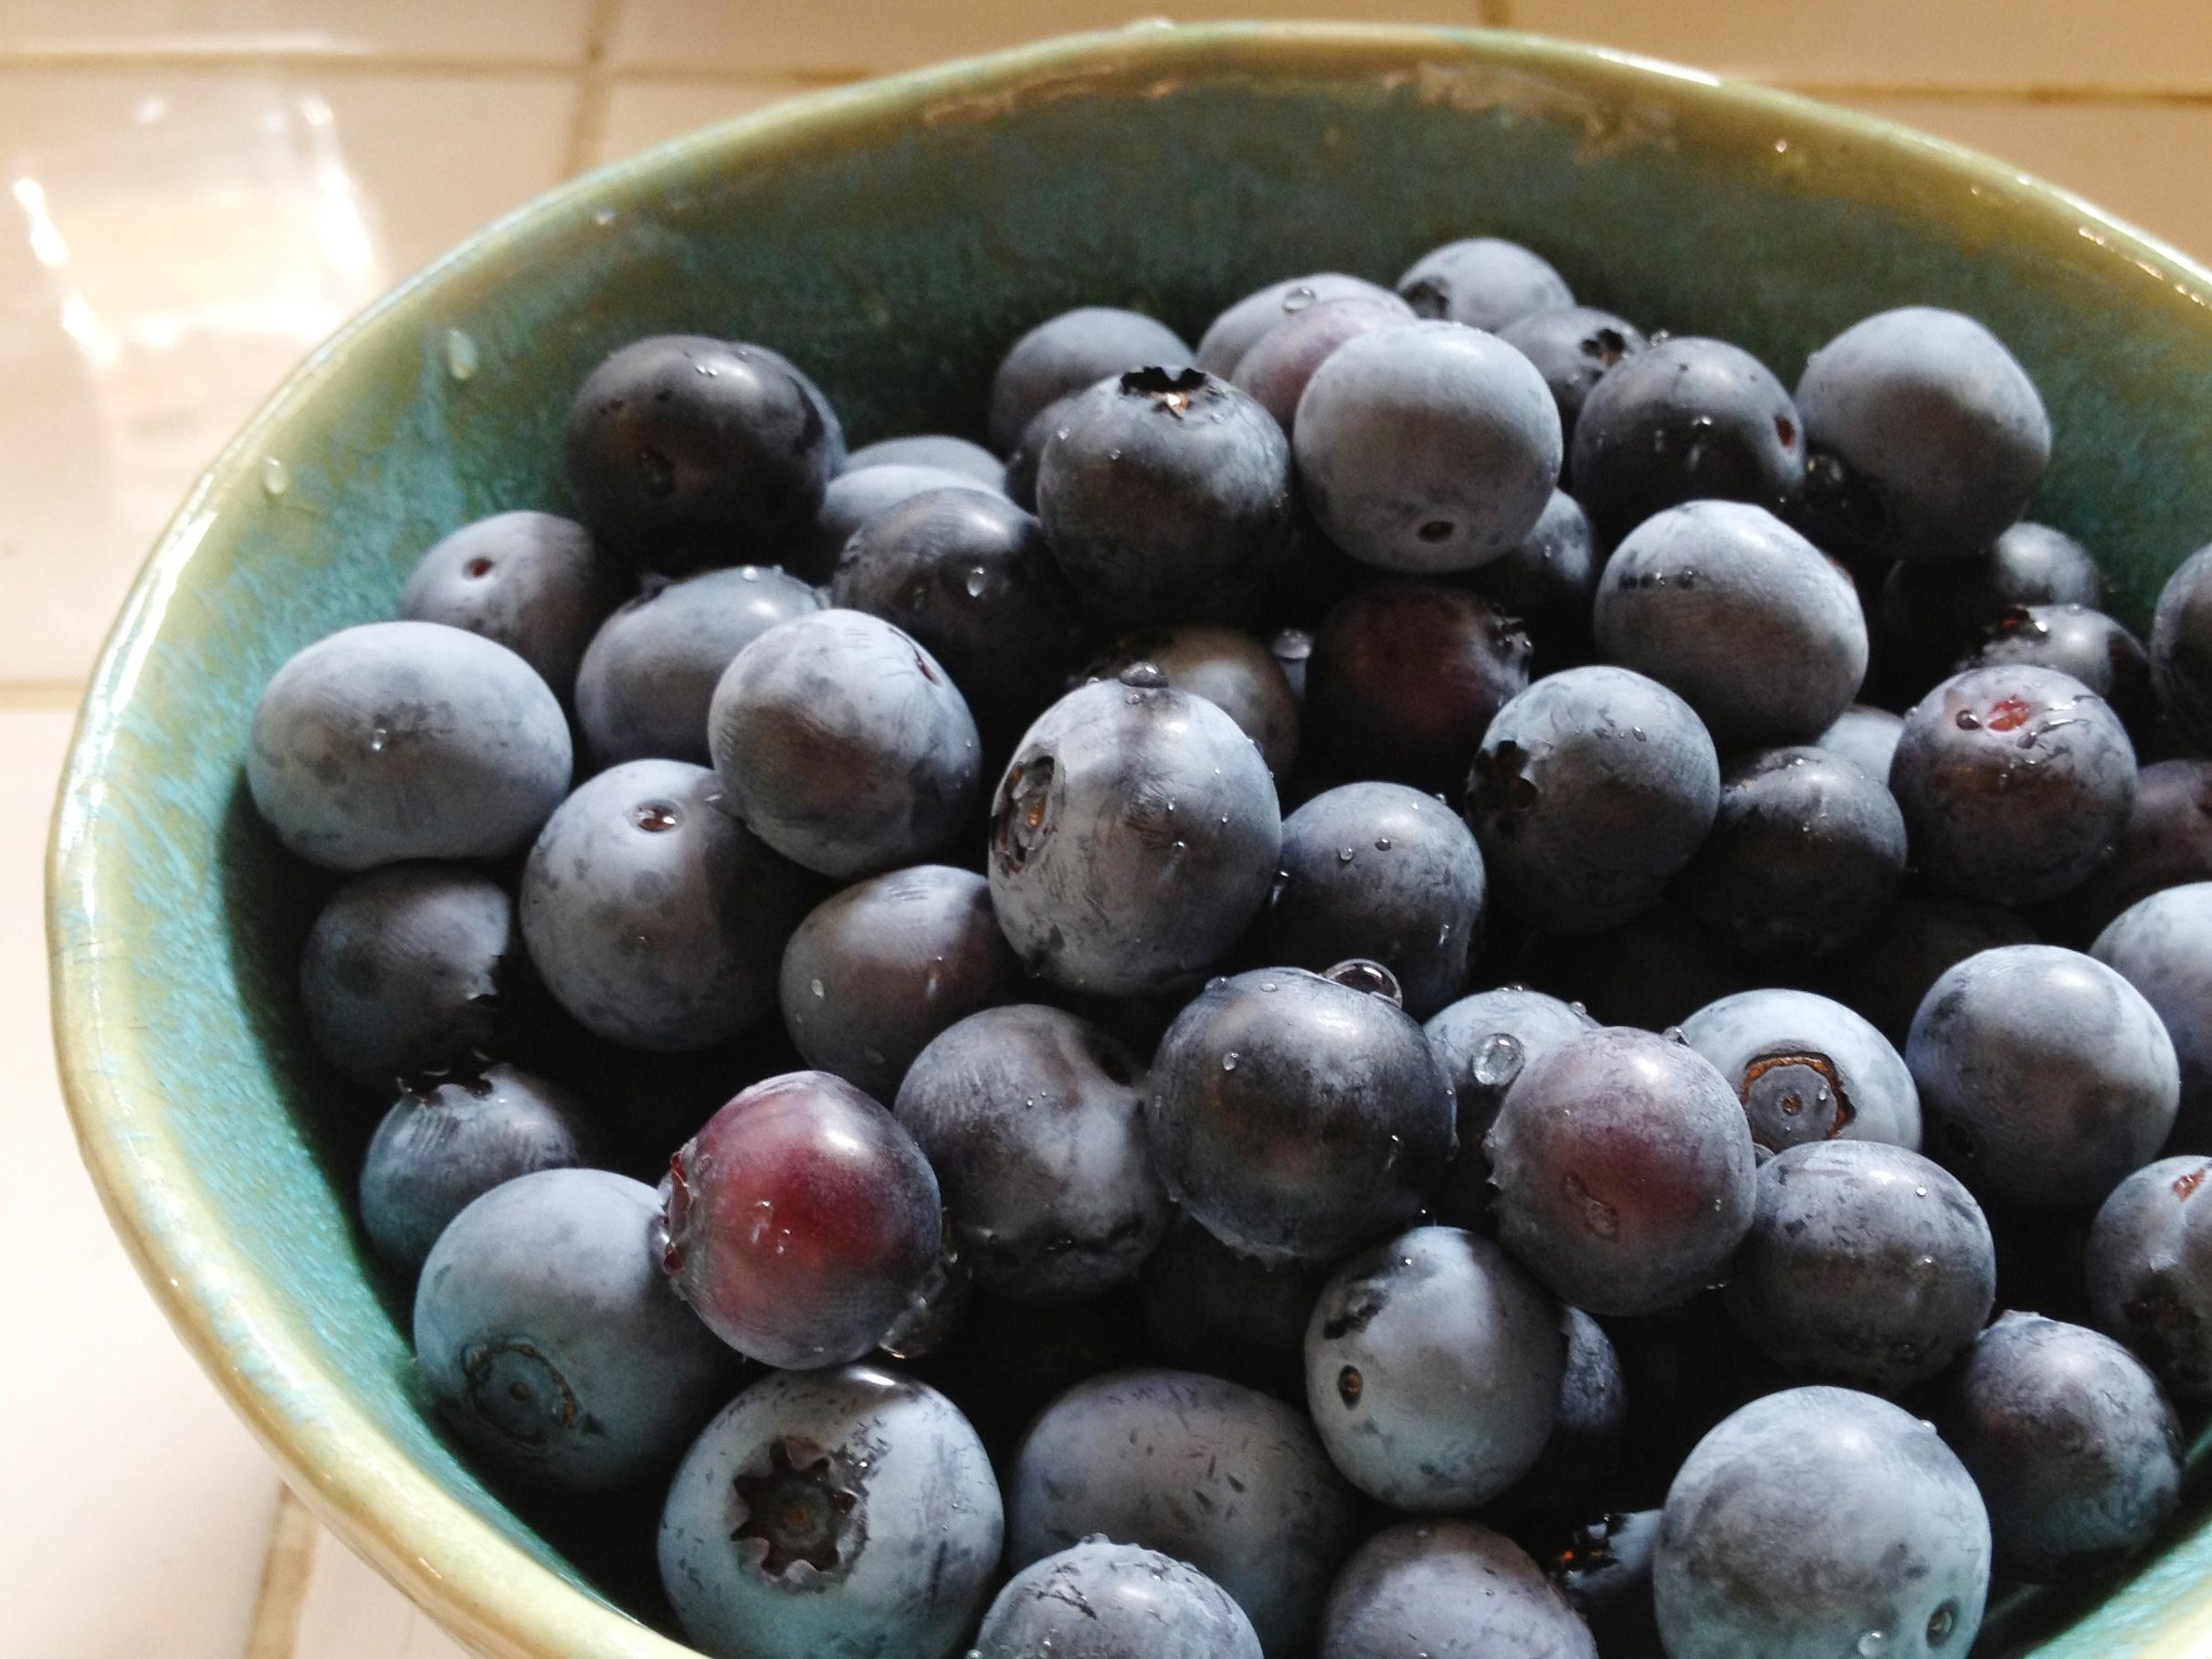 ブルーベリーの実の収穫時期は初夏ごろ。ベランダやお庭で育てることのできる人気の果樹です。